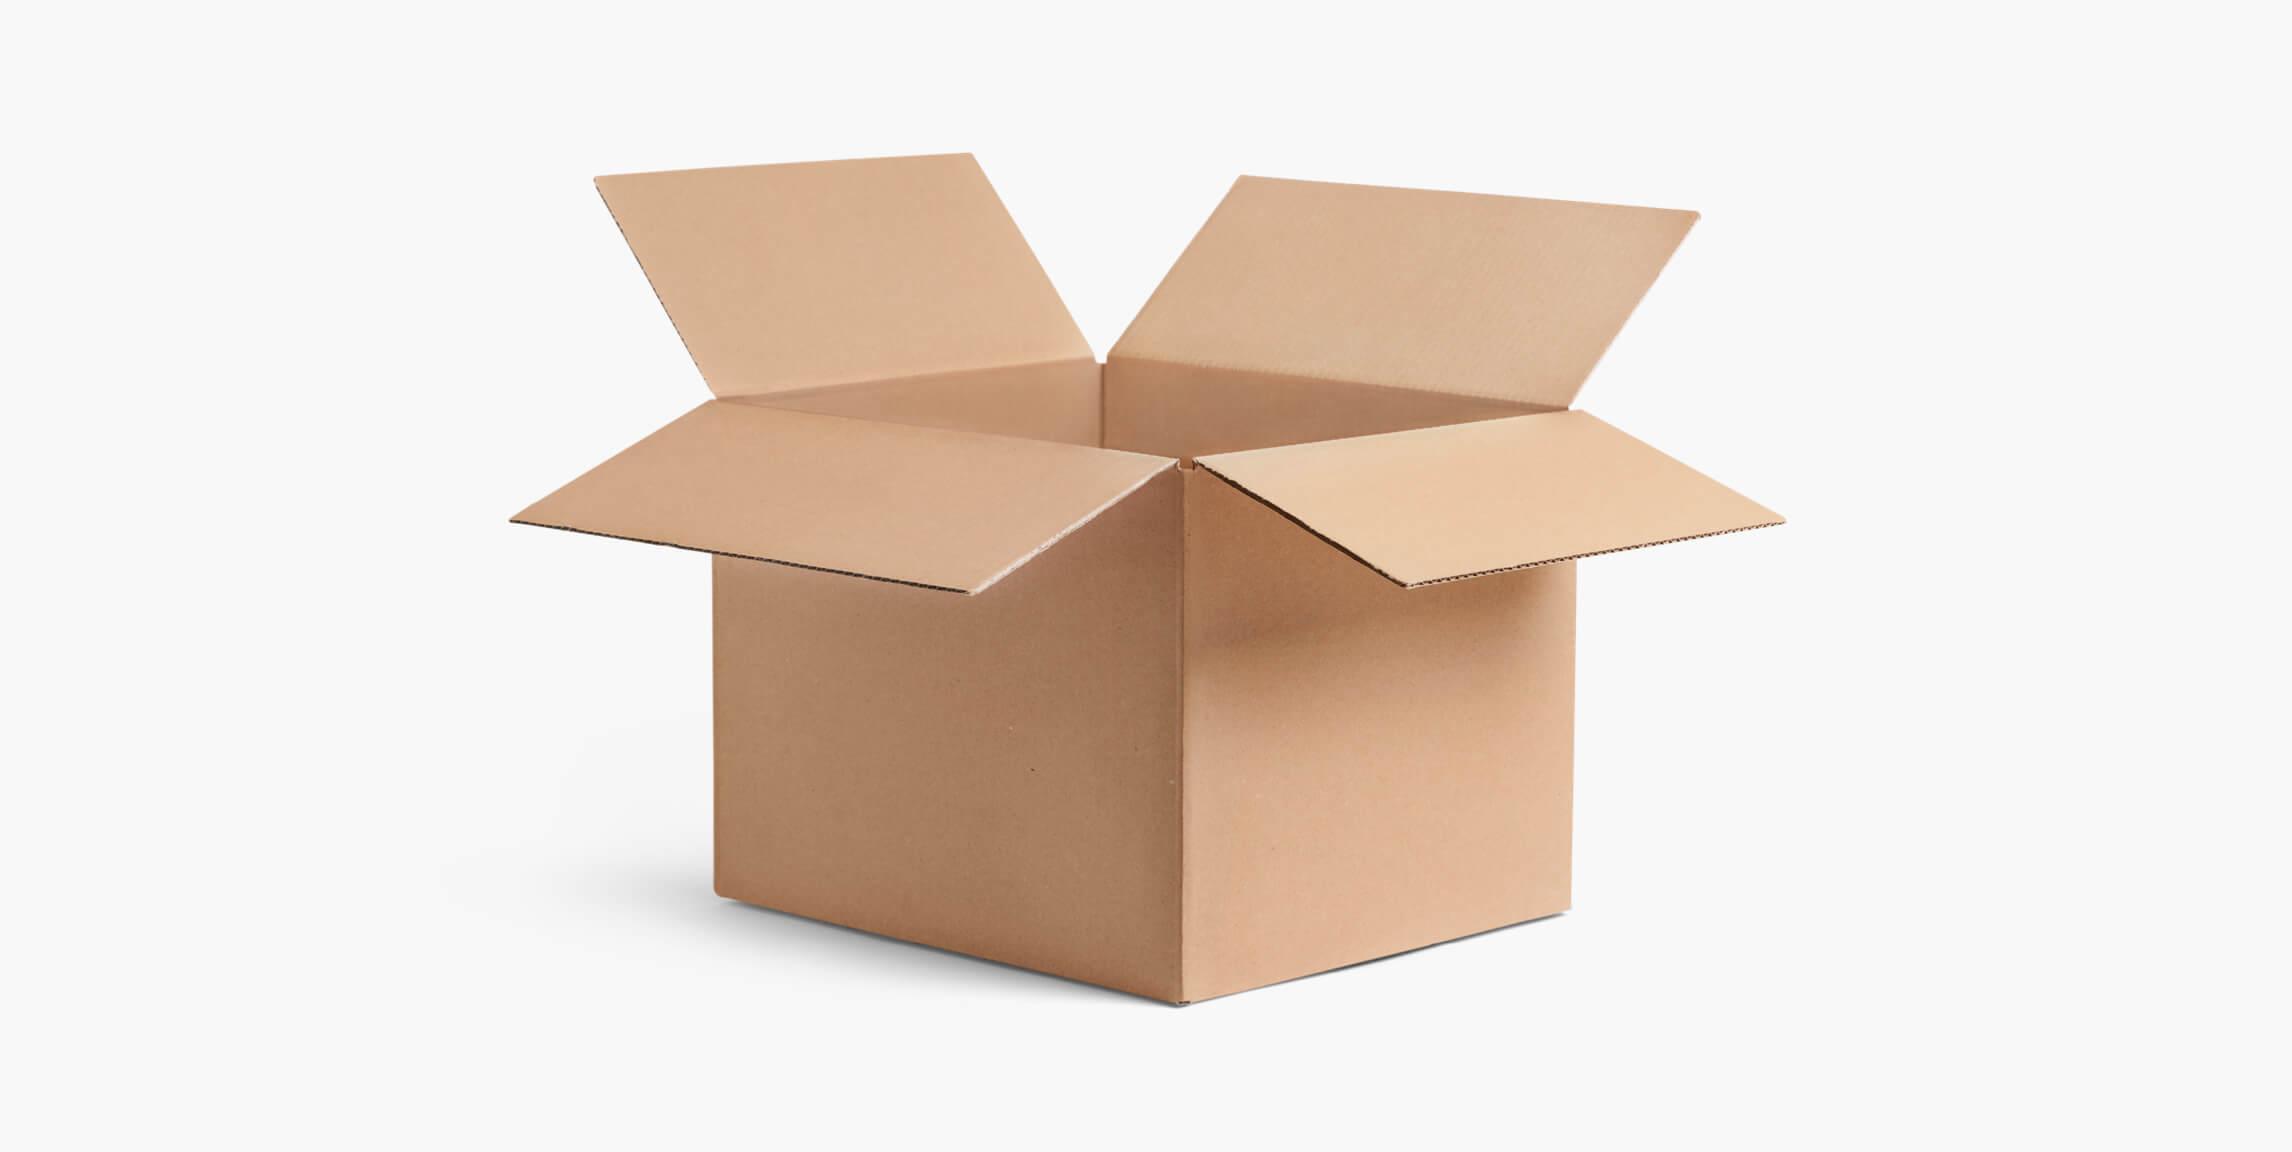 Caisse carton sans impression - emballage personnalisé pour produits - Packhelp